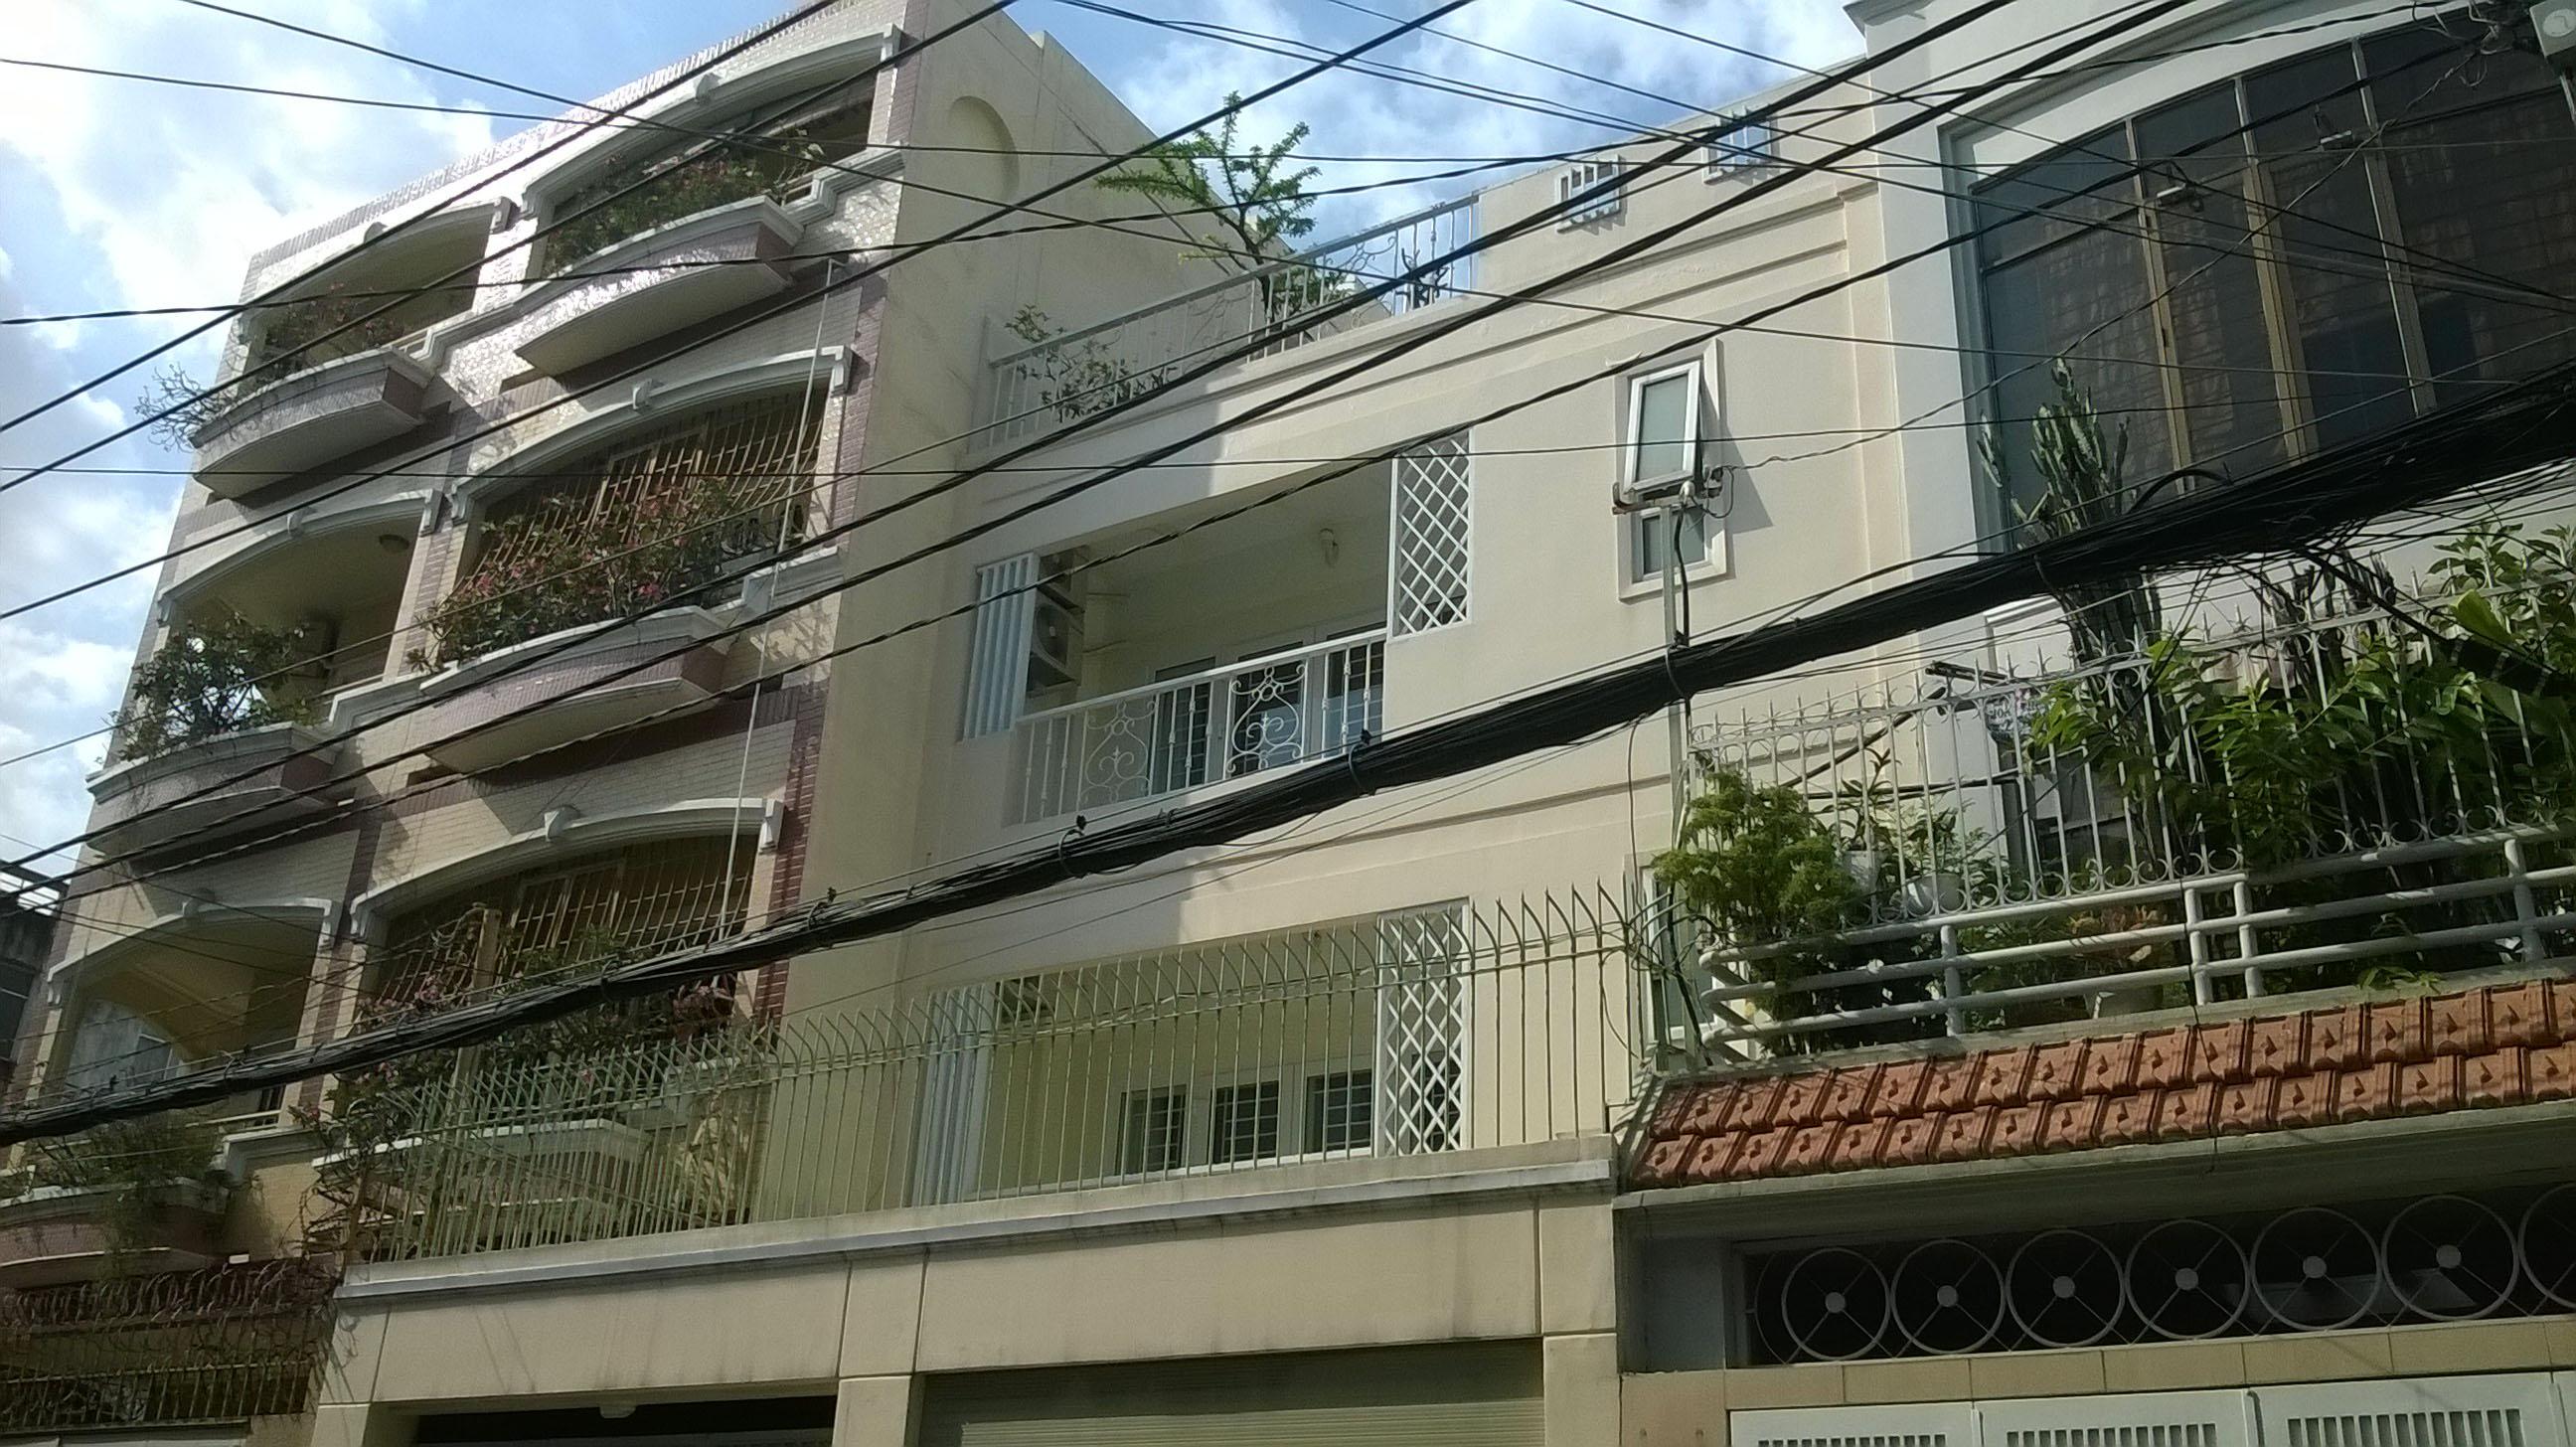 5 Cho thuê nhà rộng mặt tiền đường Trần Khánh Dư, Quận 1: 7m x 20m, trệt, 2 lầu, ST, 5PN, 4WC, garage.